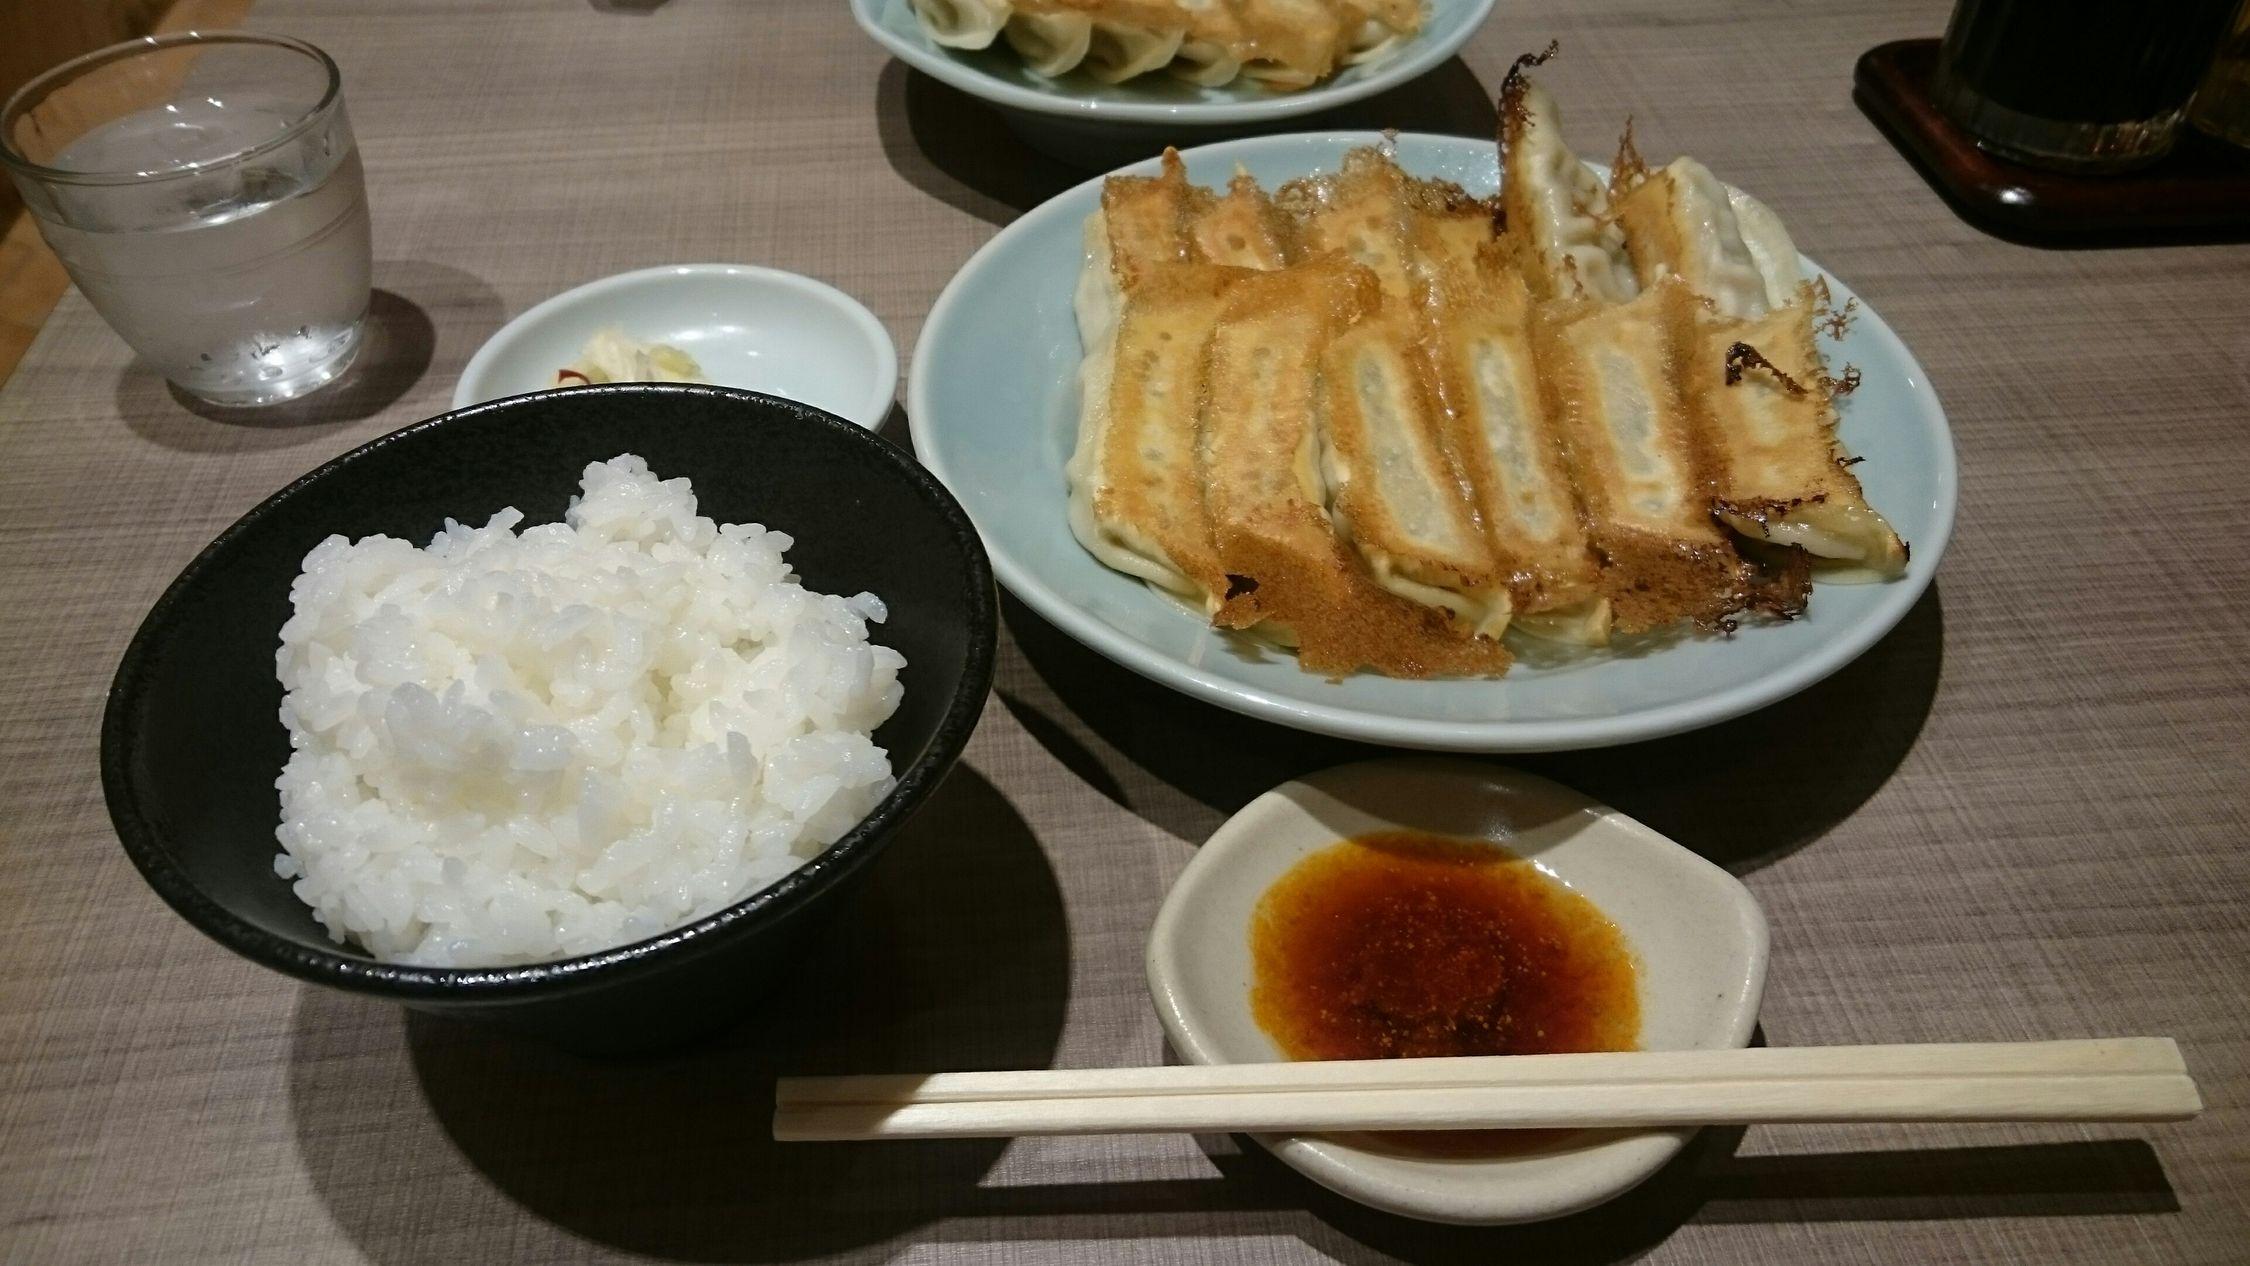 餃子 Eating Food Food Photography Taking Photos Enjoying A Meal Dinner